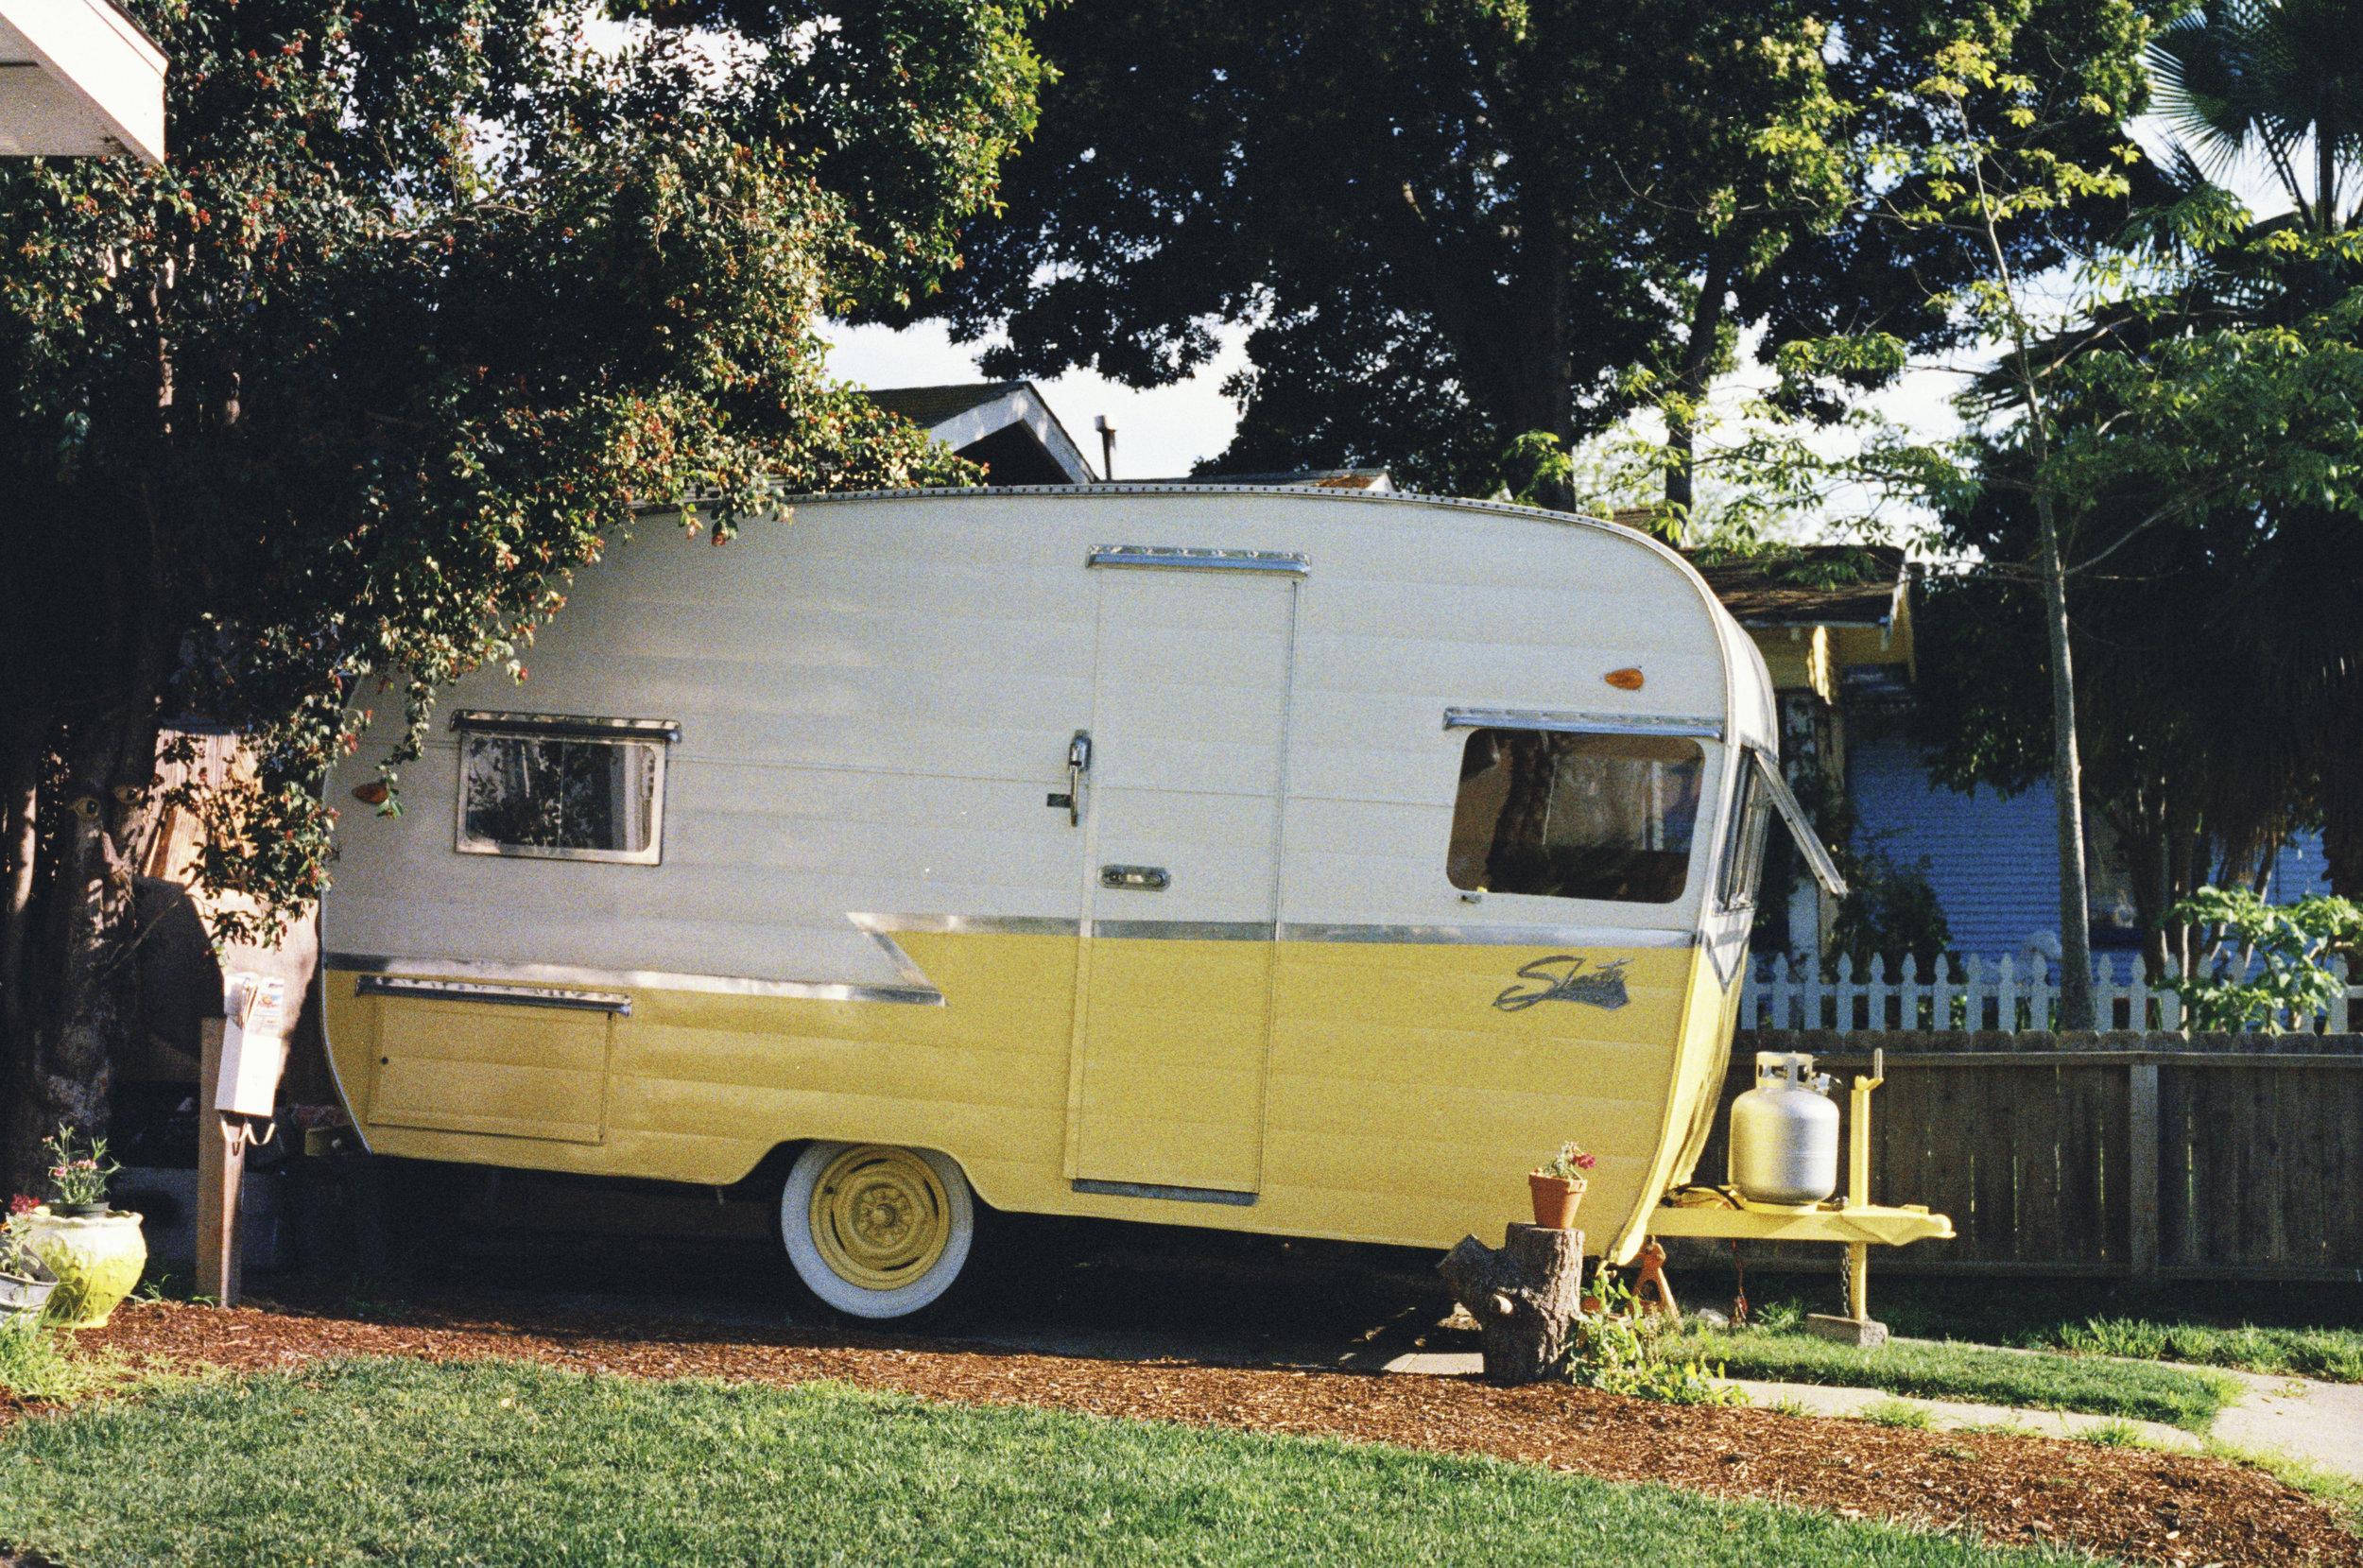 Campers! Pop-Up Campers, Truck Campers, Hybrid Trailers, Teardrop Trailers,